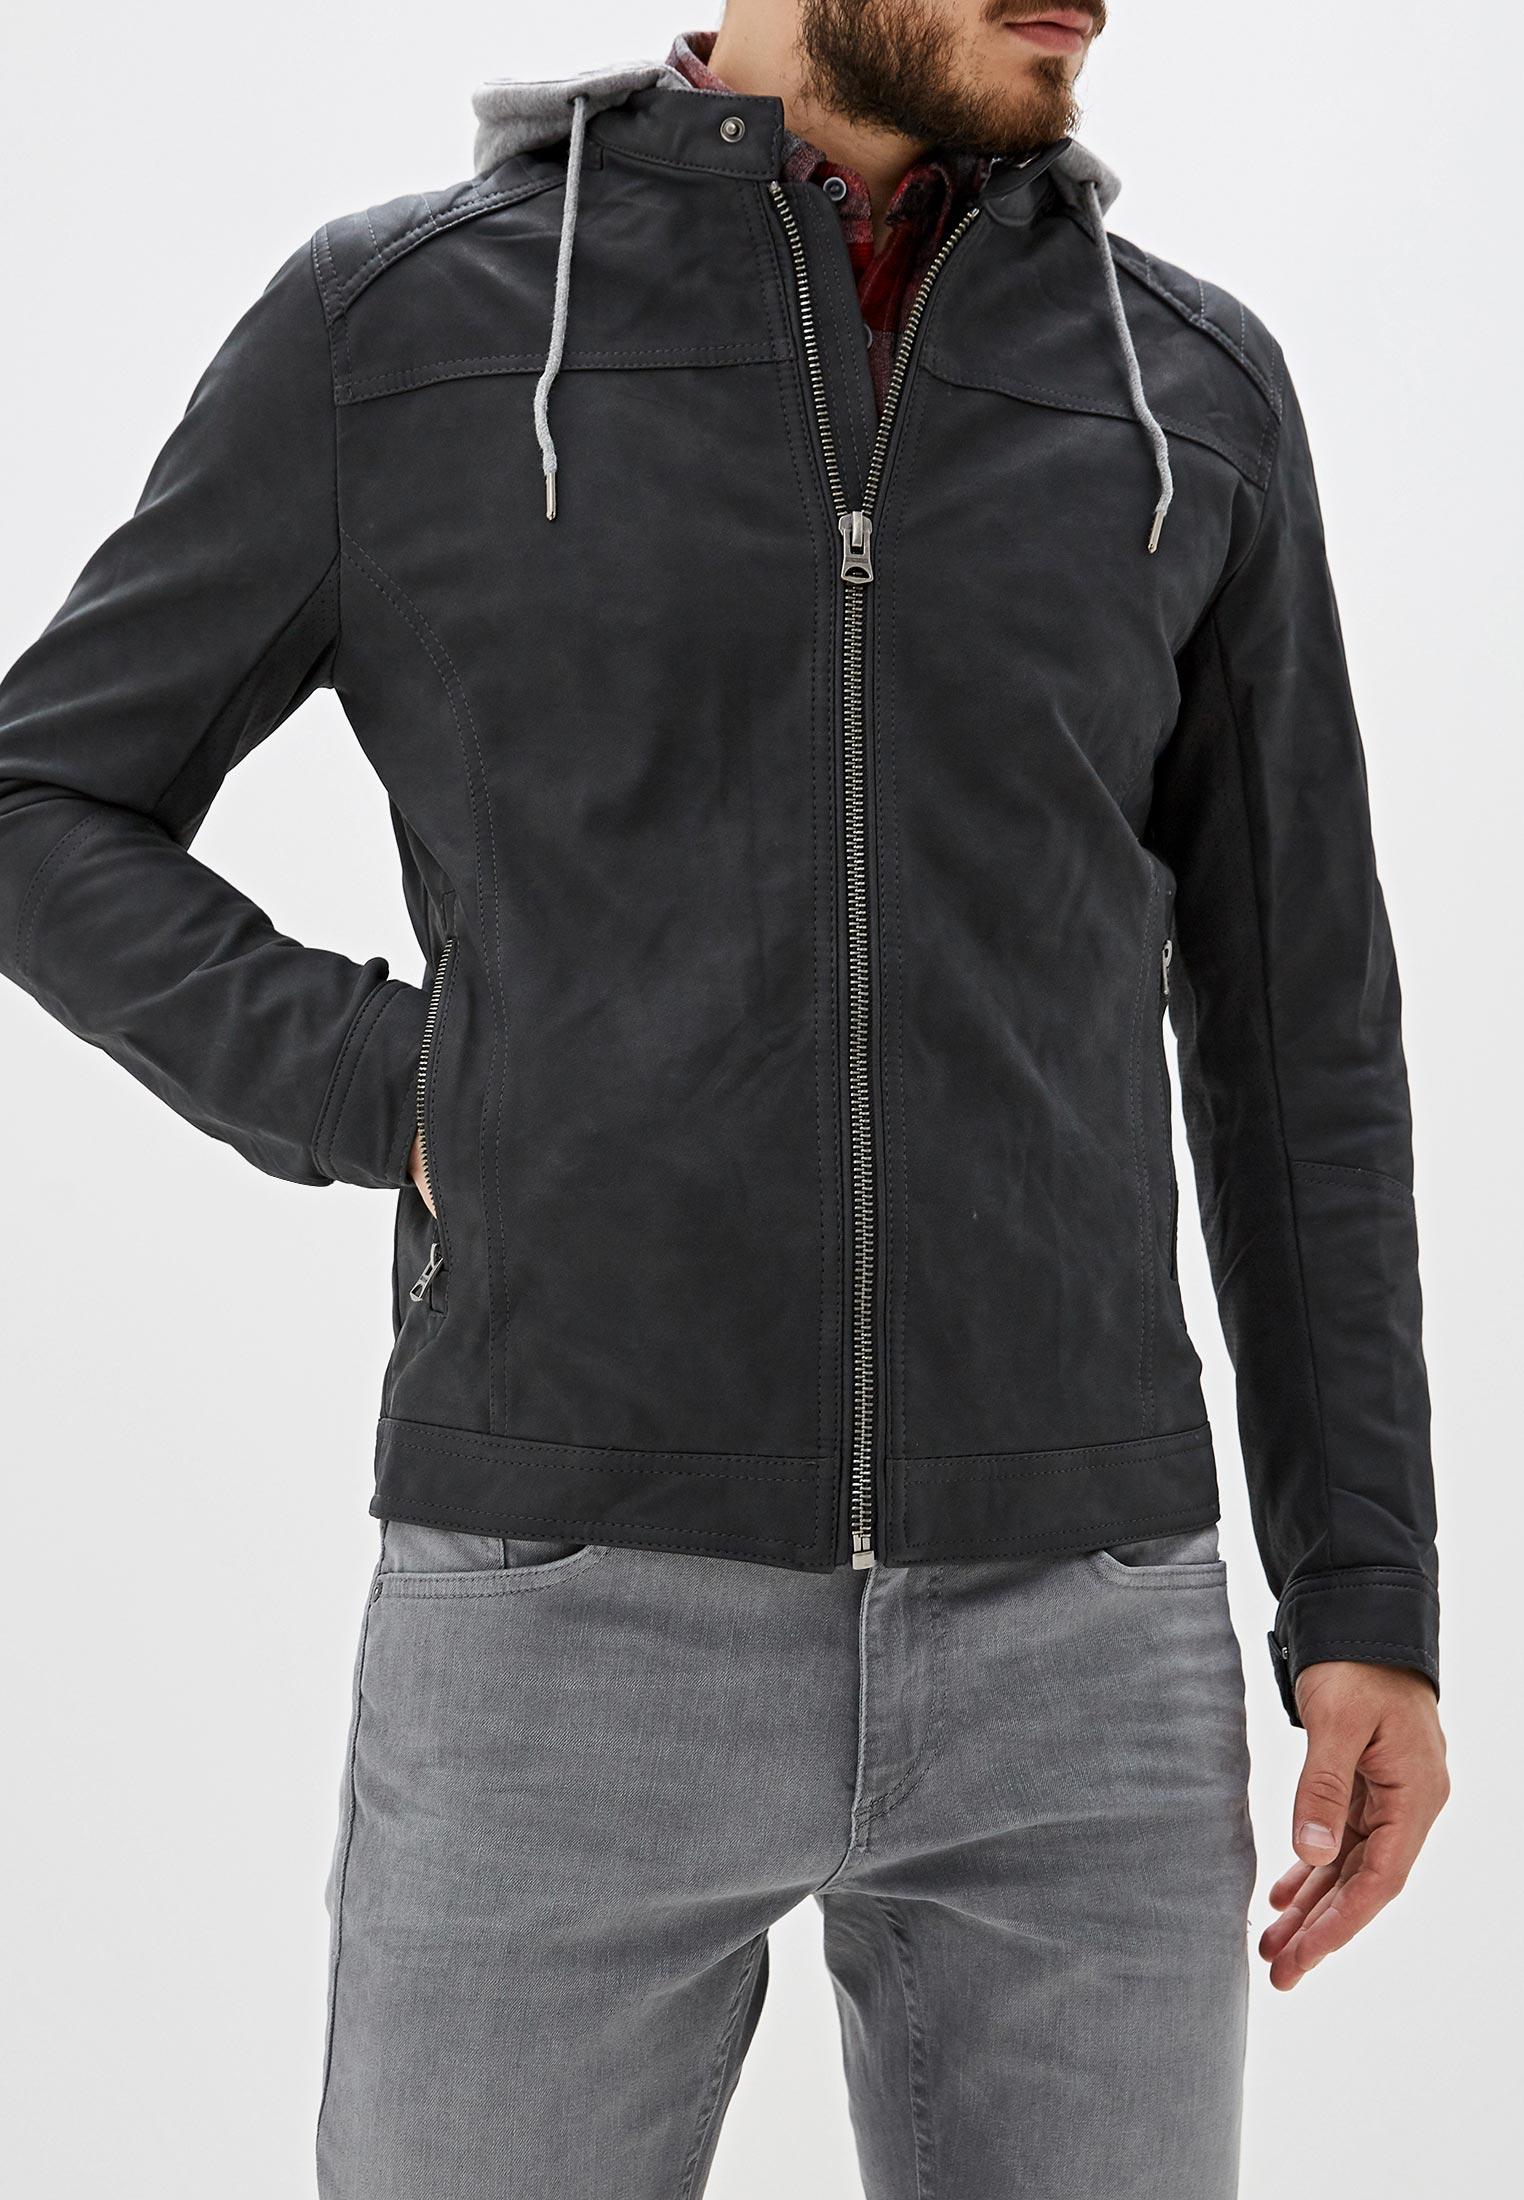 Куртка, Springfield, цвет: серый. Артикул: SP014EMGFAL5. Одежда / Верхняя одежда / Кожаные куртки